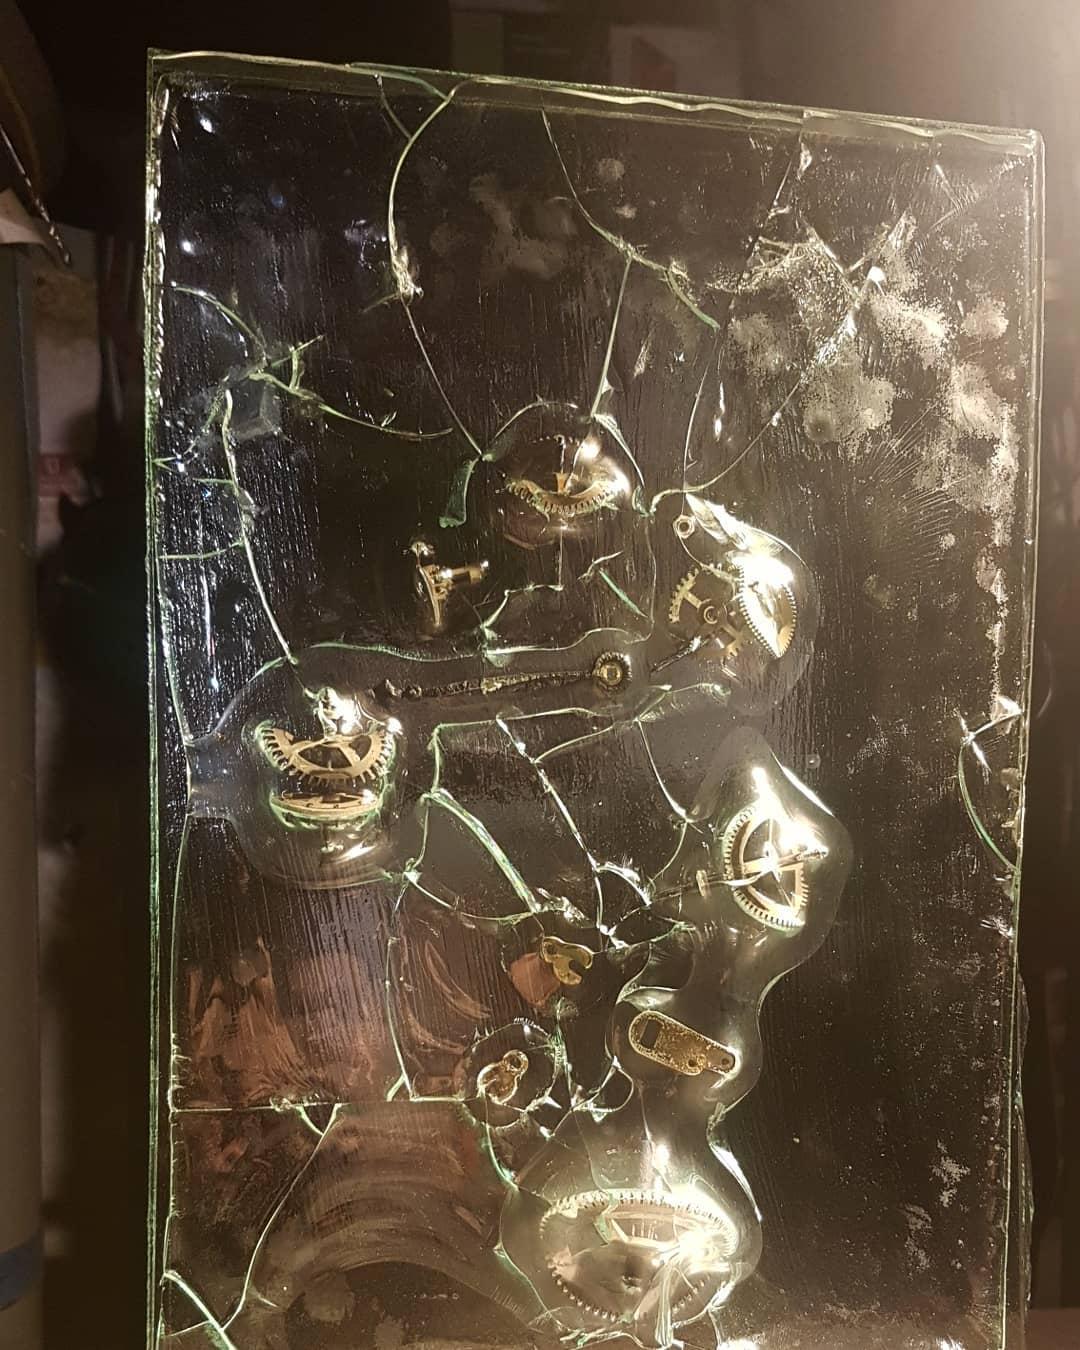 Sculpture métal et verre acier et verre paul estier artiste 2018 lausanne genève neuchatel yverdon (8)